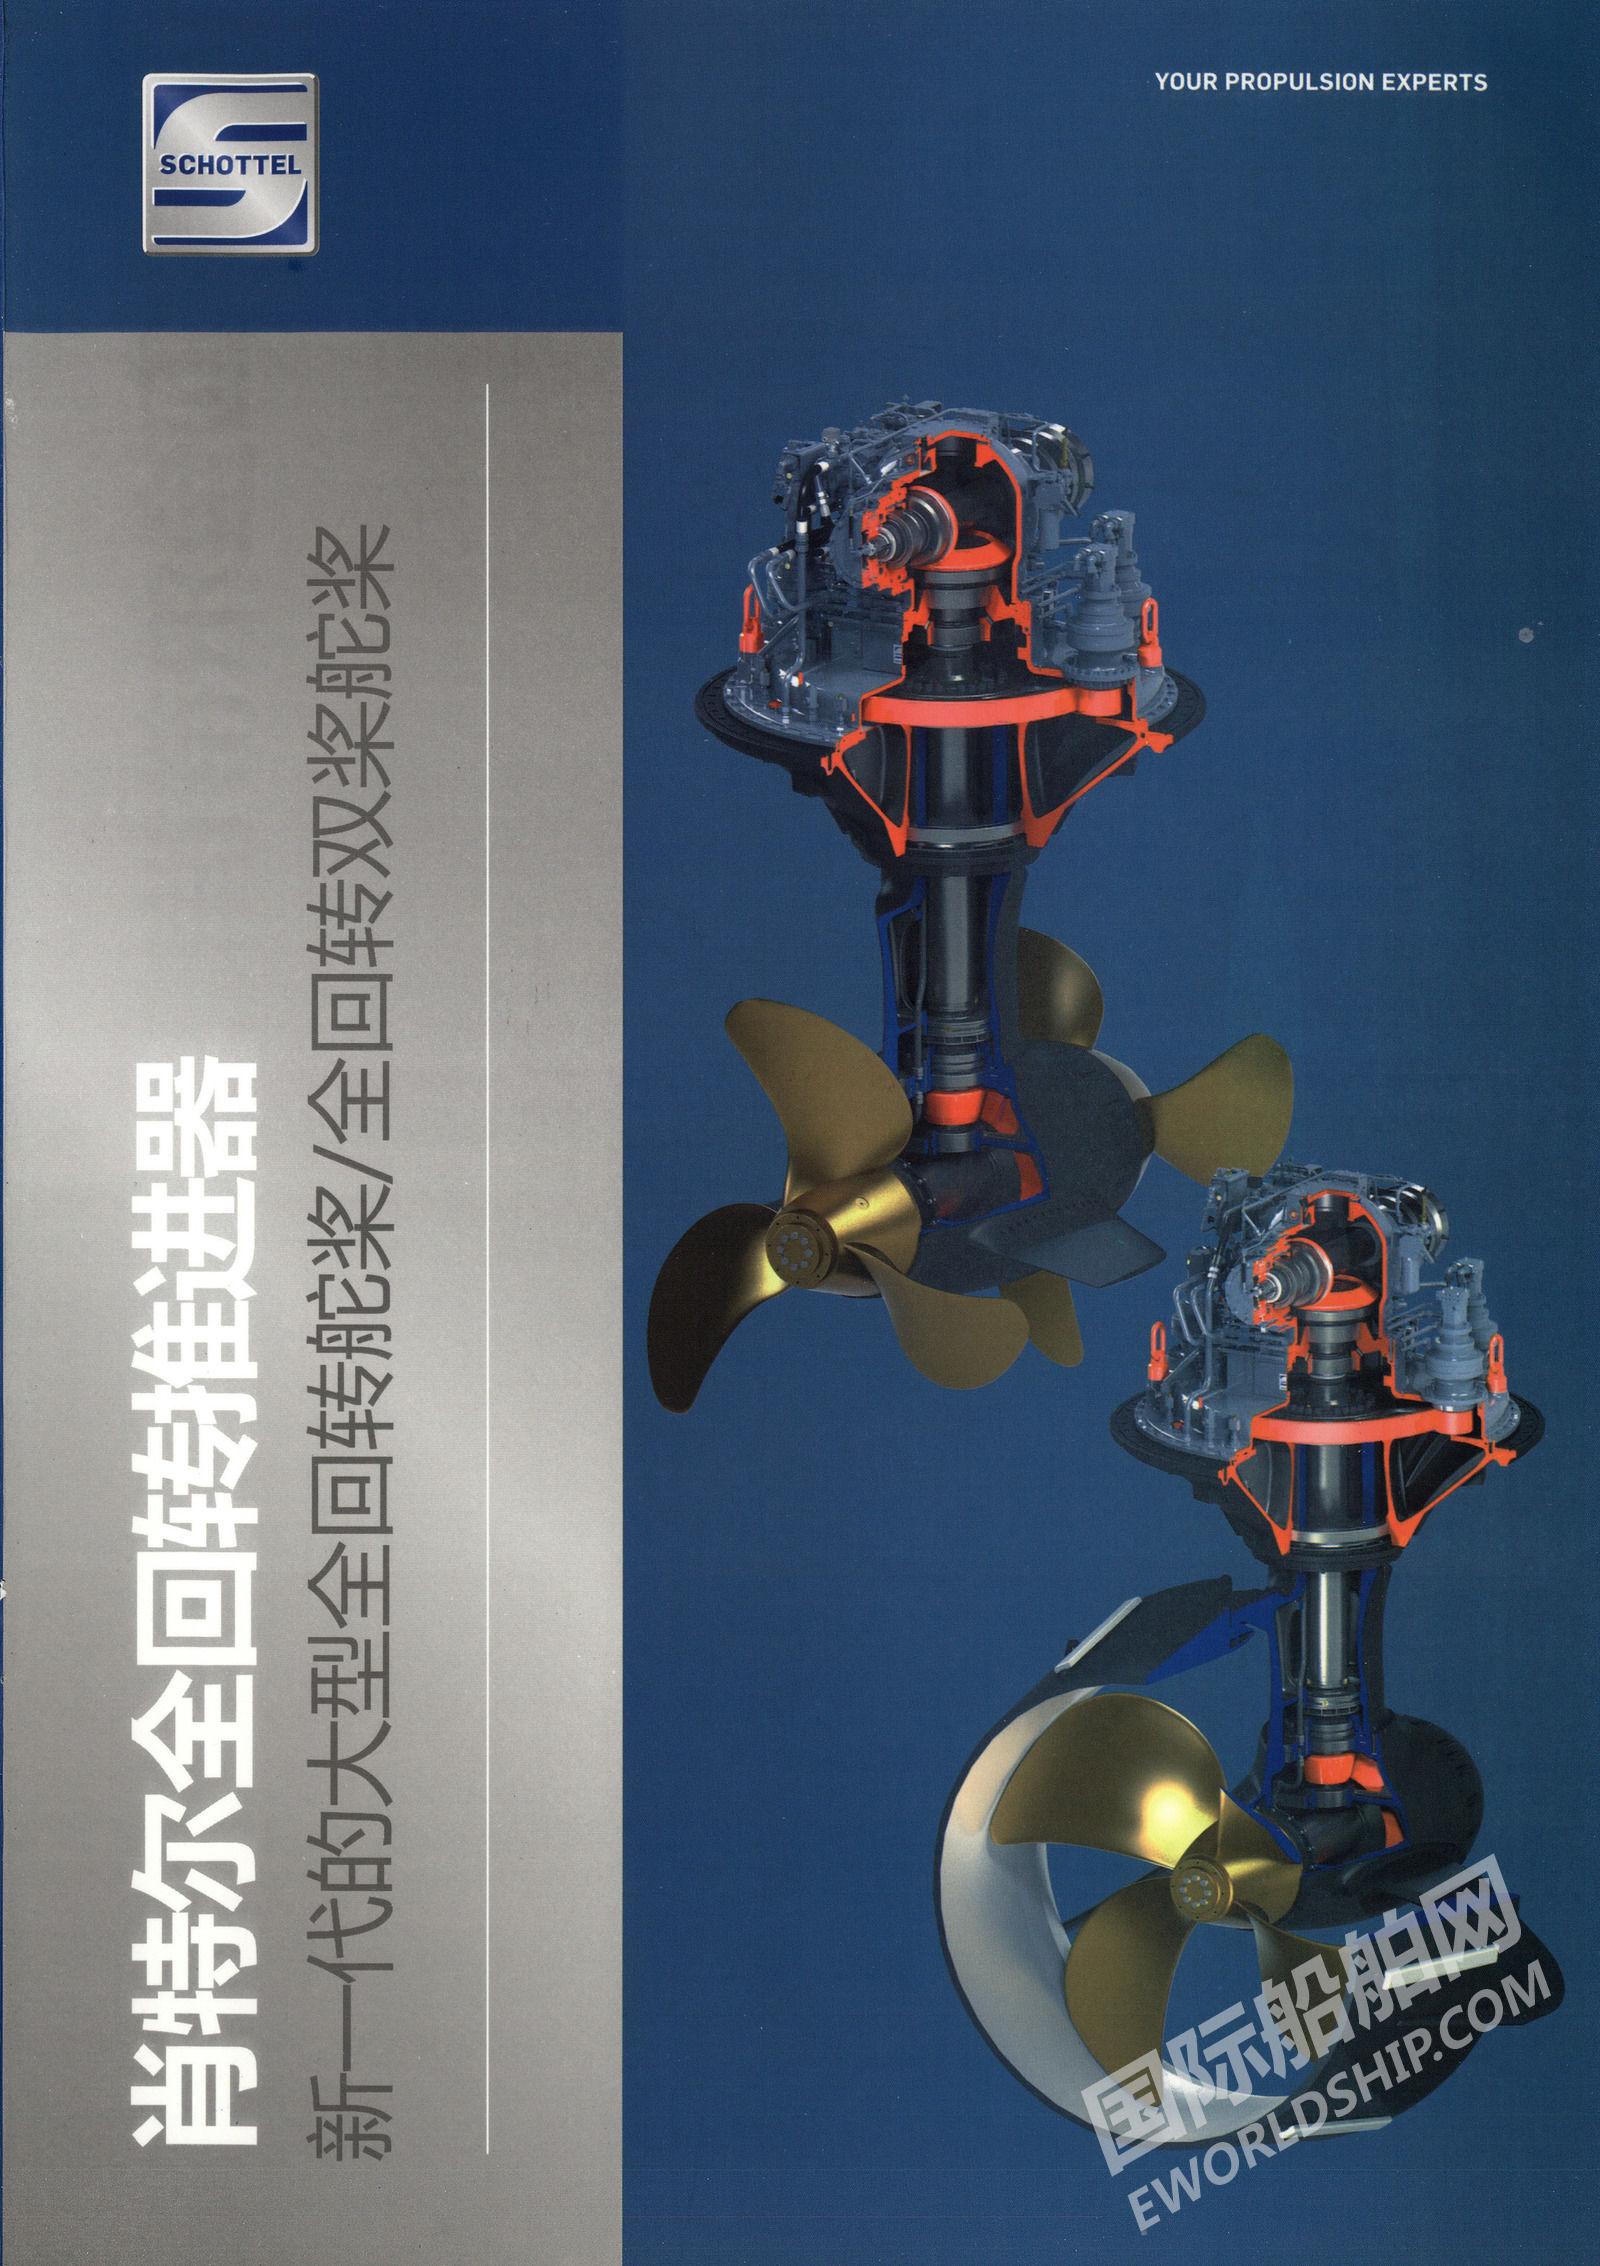 肖特尔(苏州)贸易服务有限公司 肖特尔全回转推进器